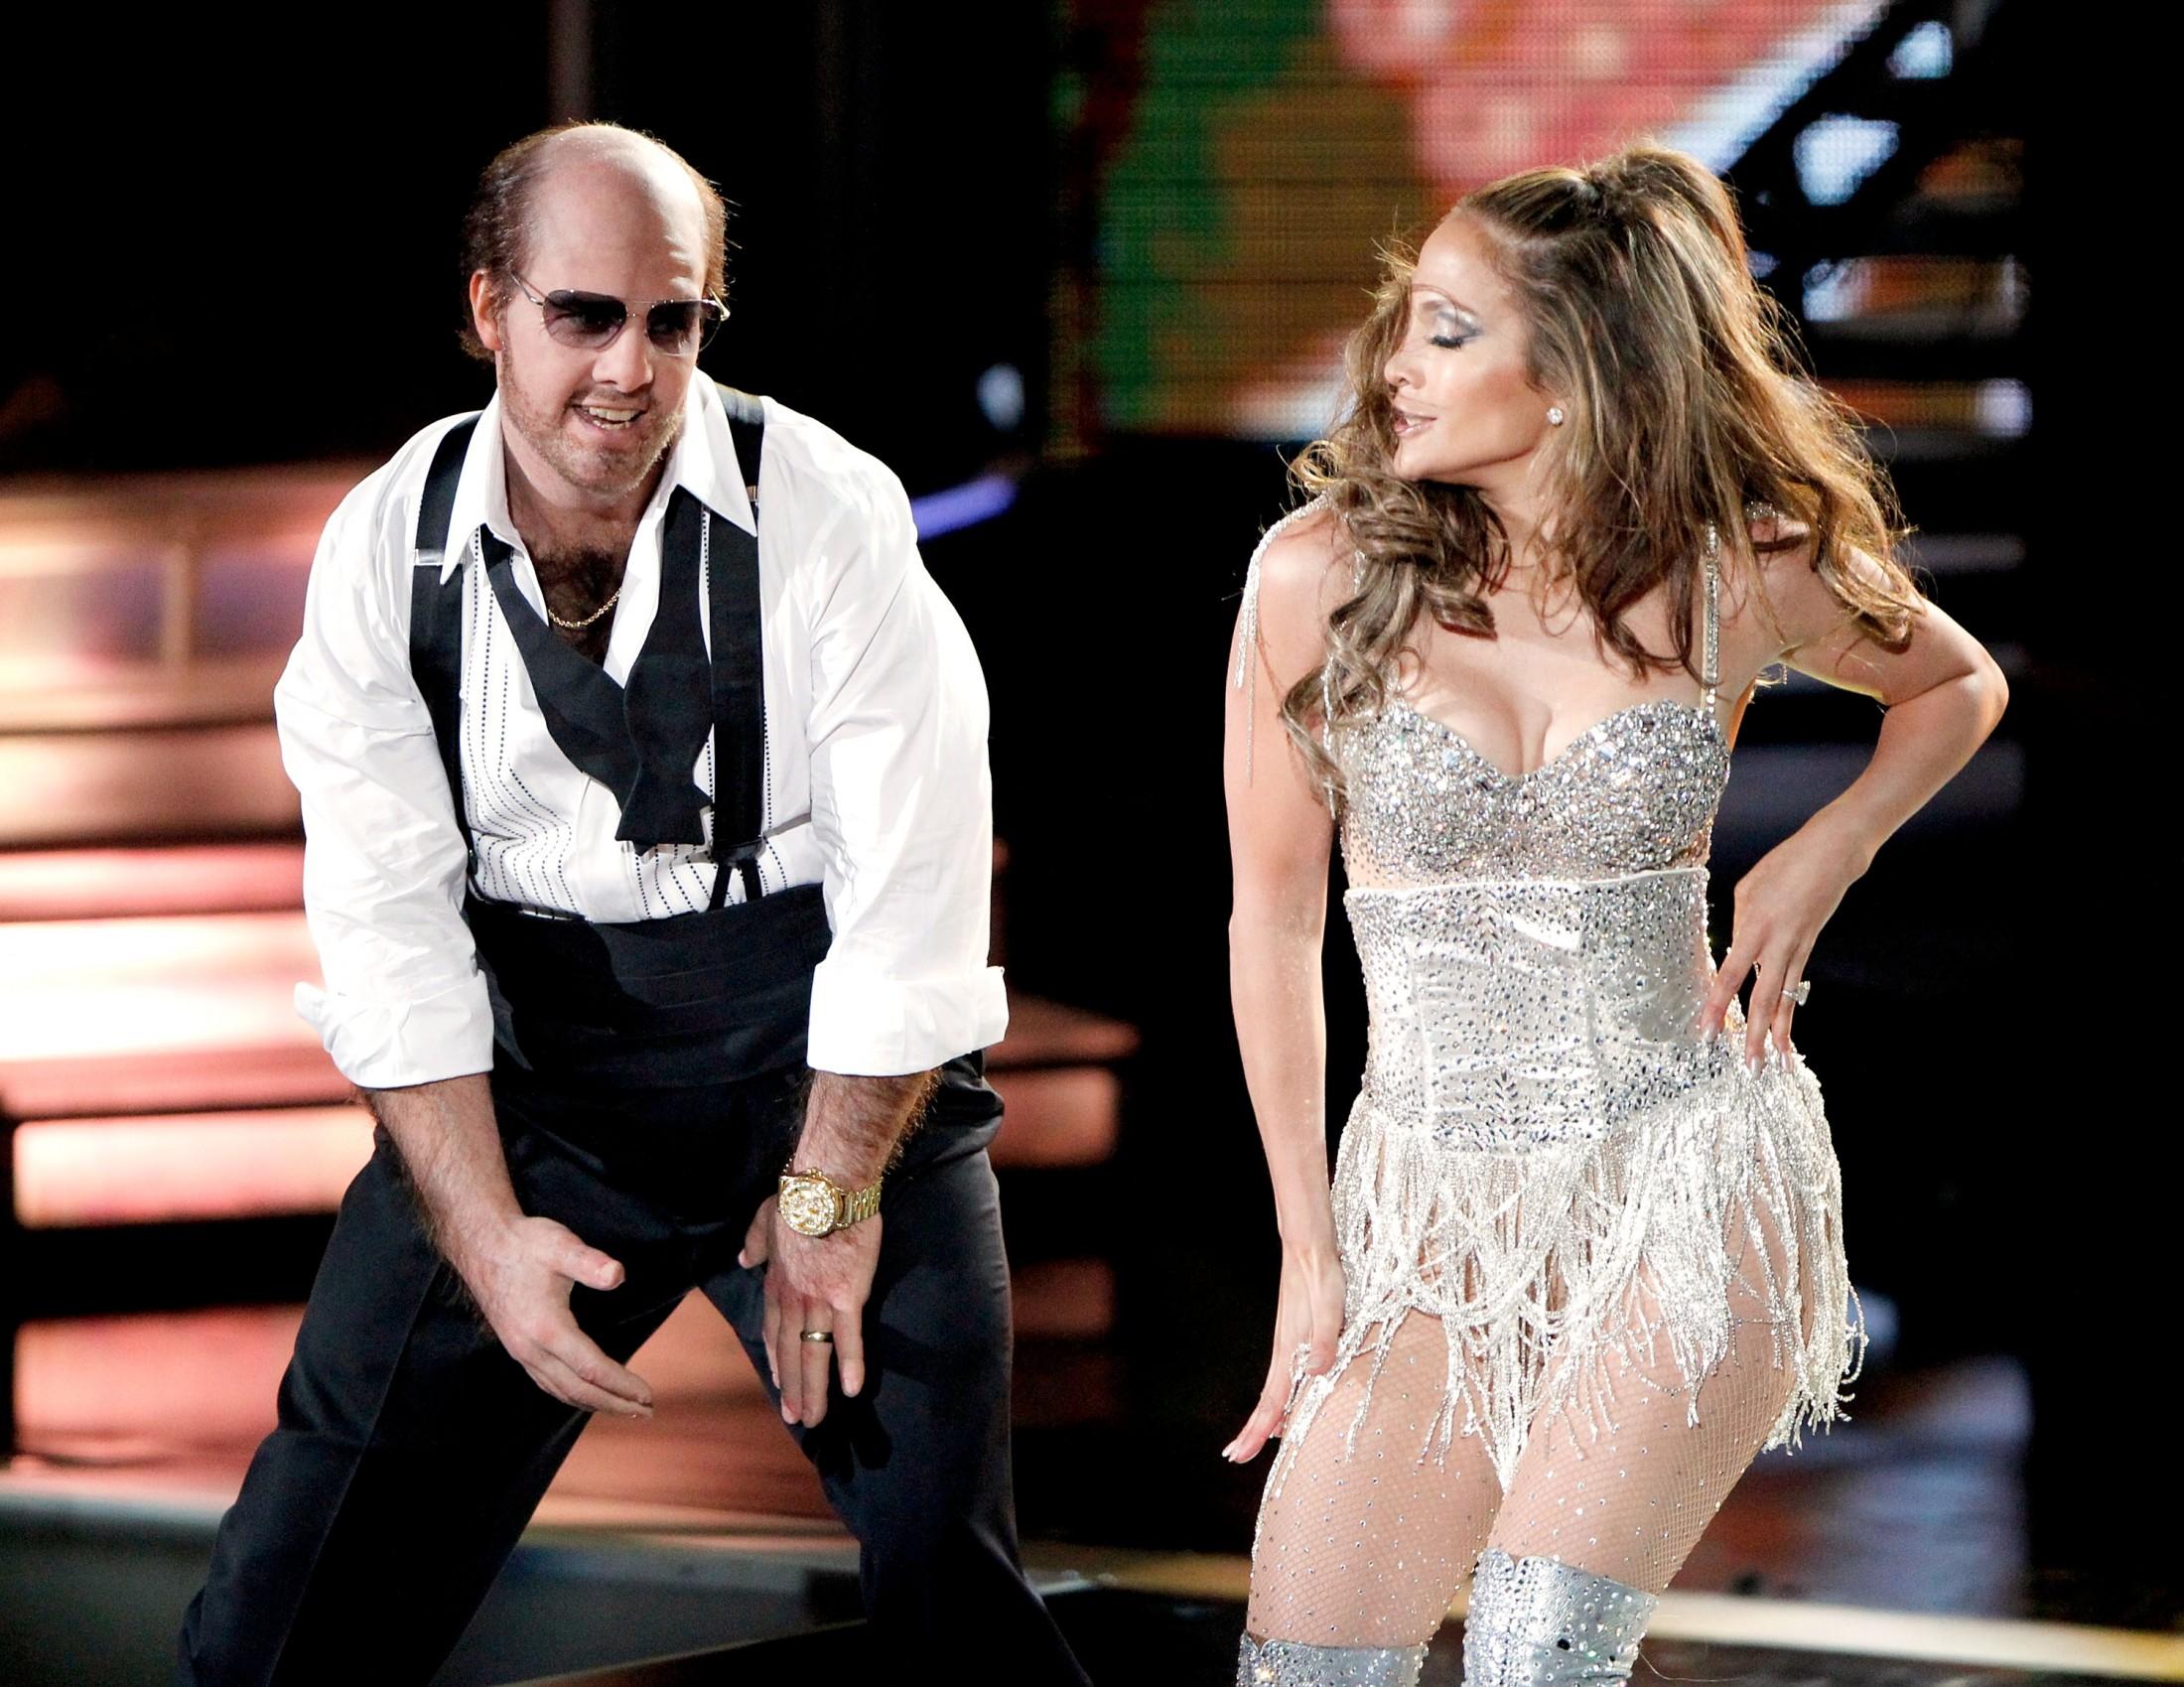 Jennifer Lopez 2010 : jennifer-lopez-performing-at-the-2010-mtv-movie-awards-03